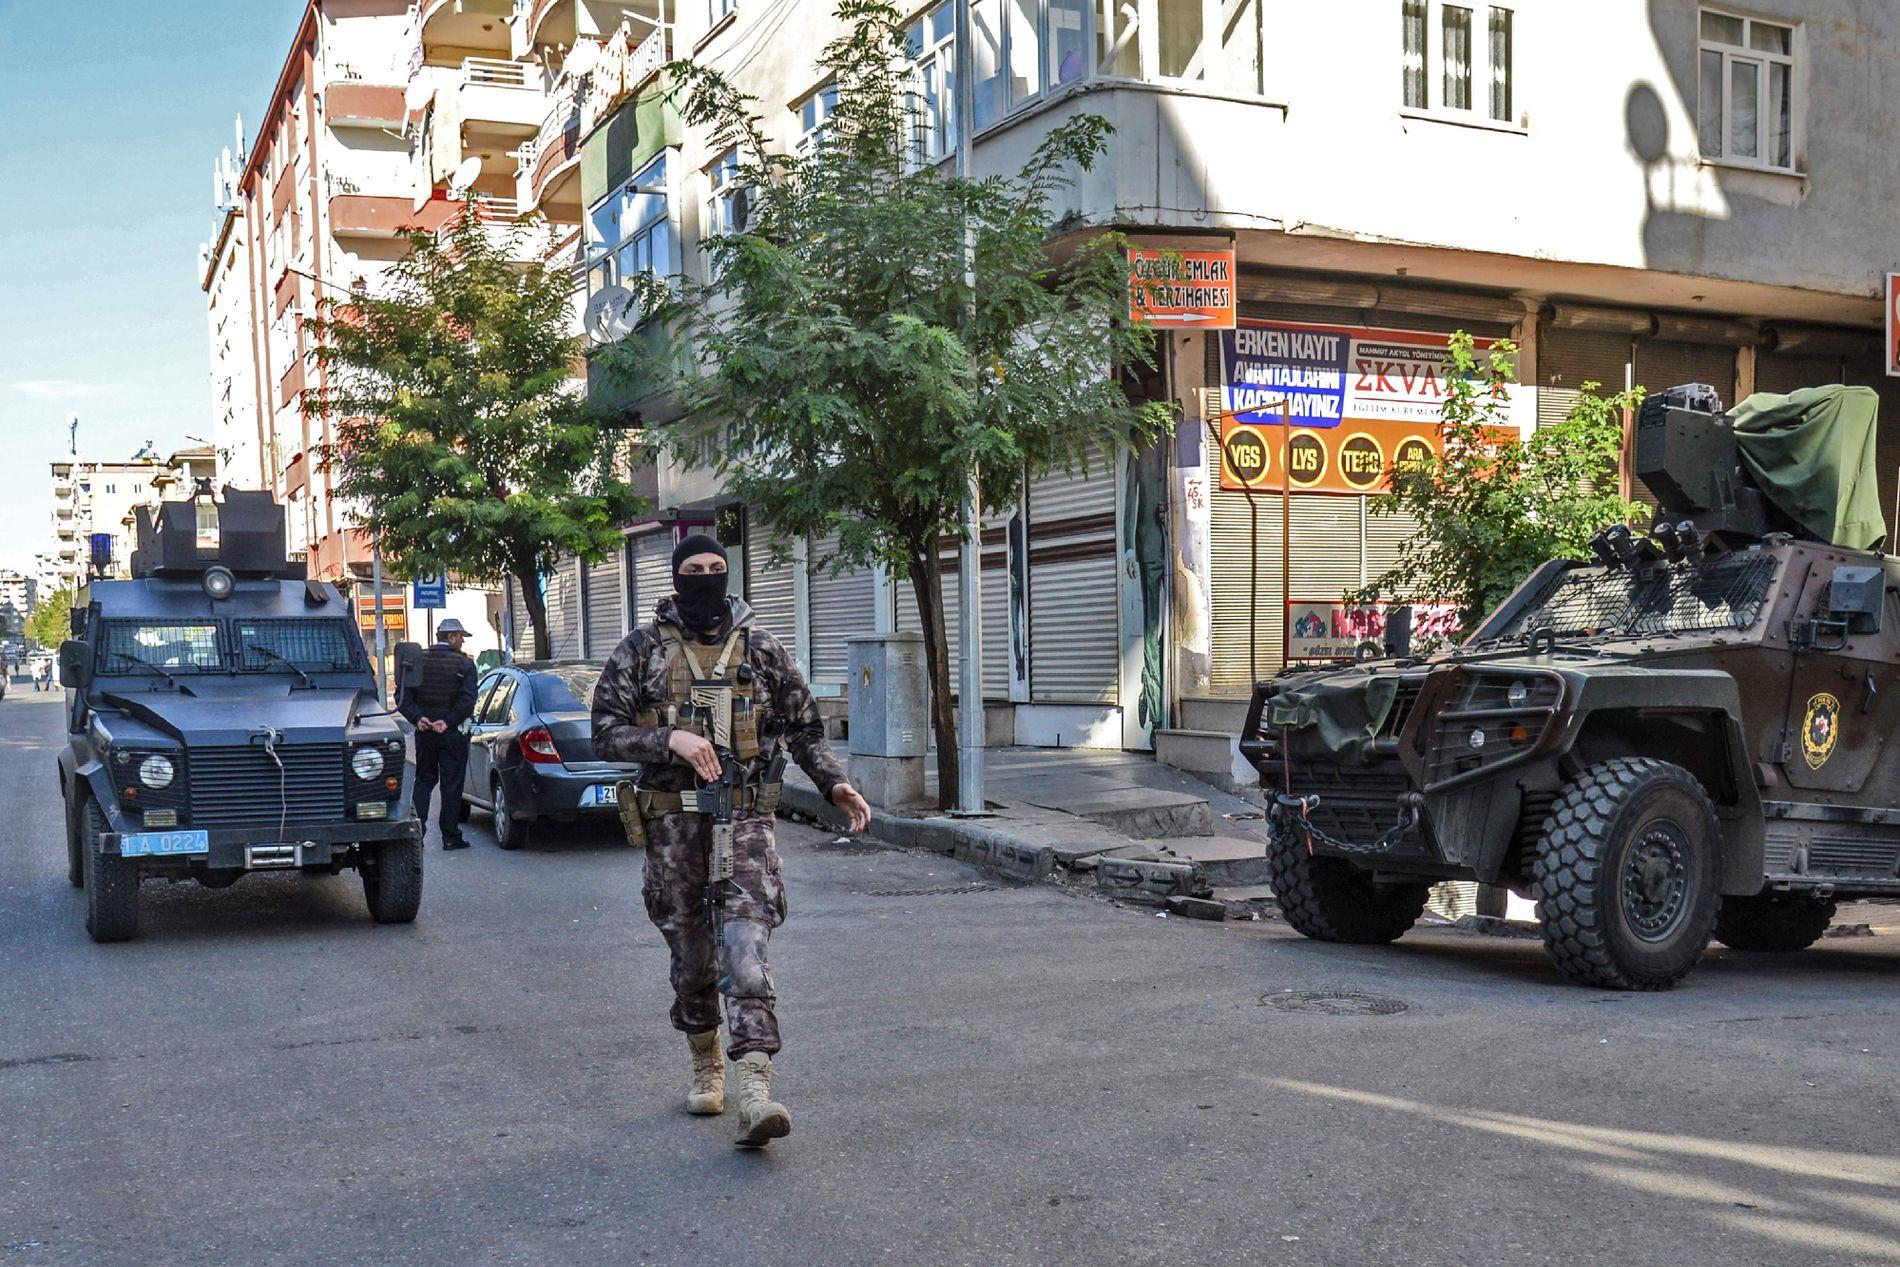 GATEBILDET I SØRØST: Slik ser det ut i Diyarbakir i Tyrkia etter blodige sammenstøt den første uken i november. Tyrkiske sikkerhetsstyrker er tungt til stede.